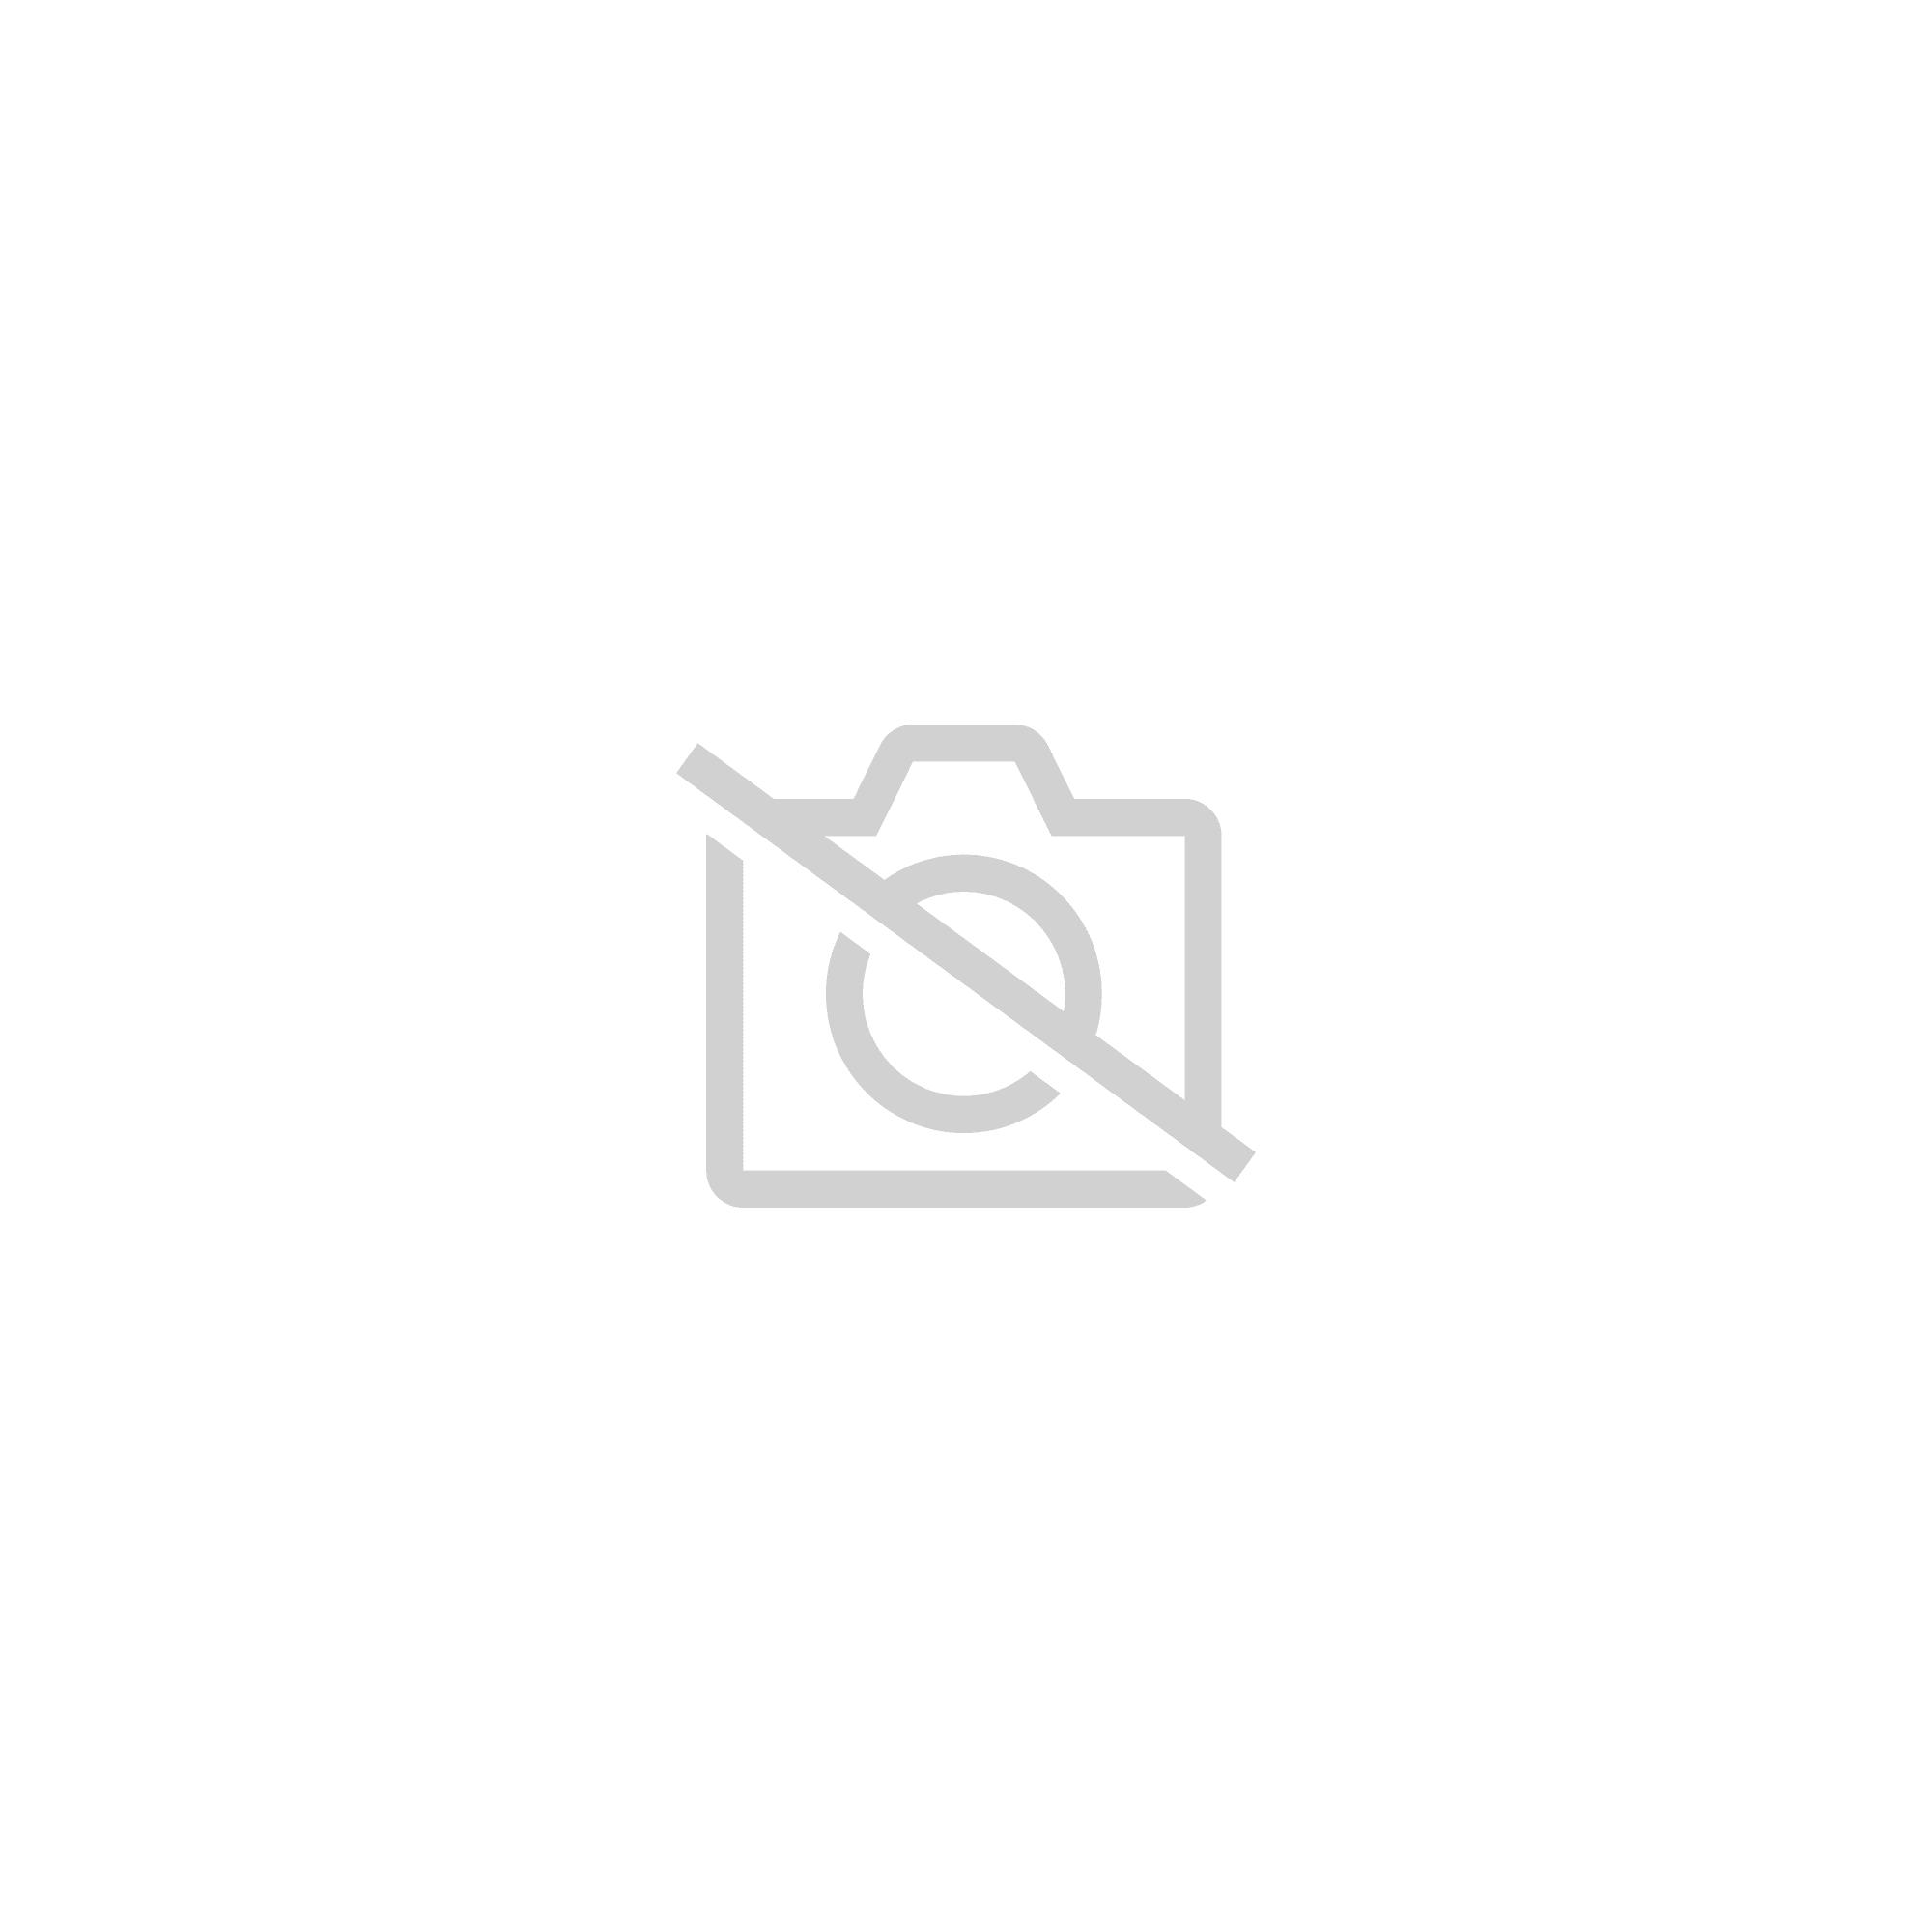 Creme Aux Plantes Medicinales Bio Visage Et Corps Camomille Calendula Et Pensee Sauvage Repare Et Protege 30ml